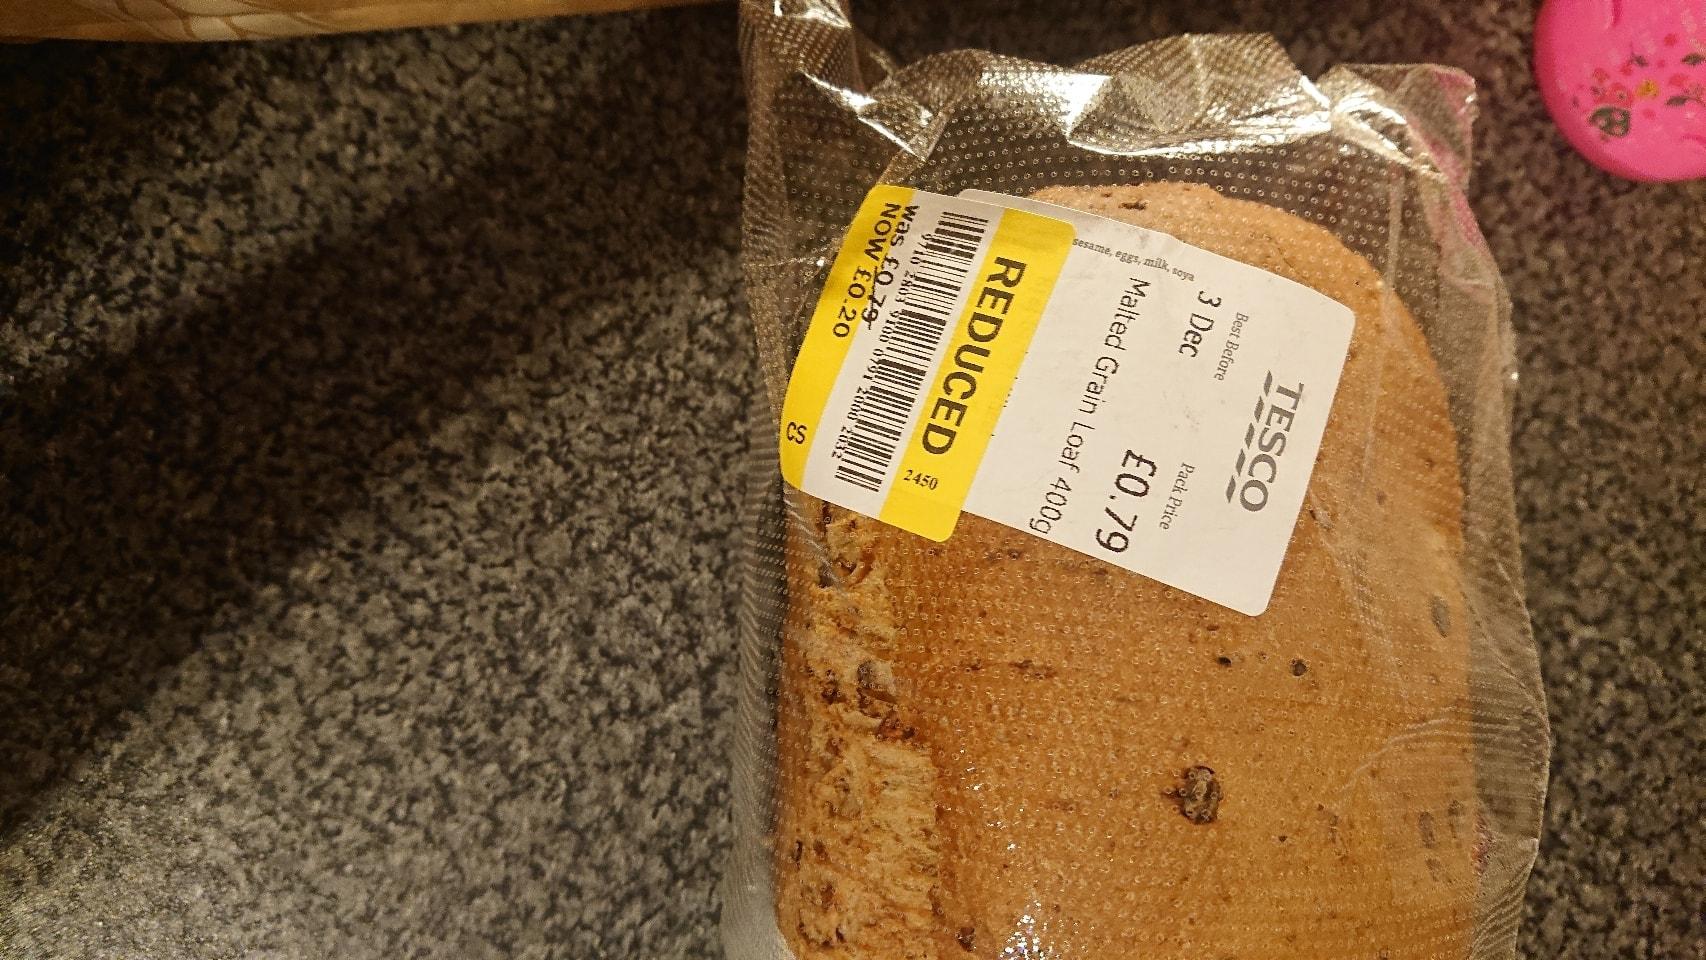 Malted grain loaf